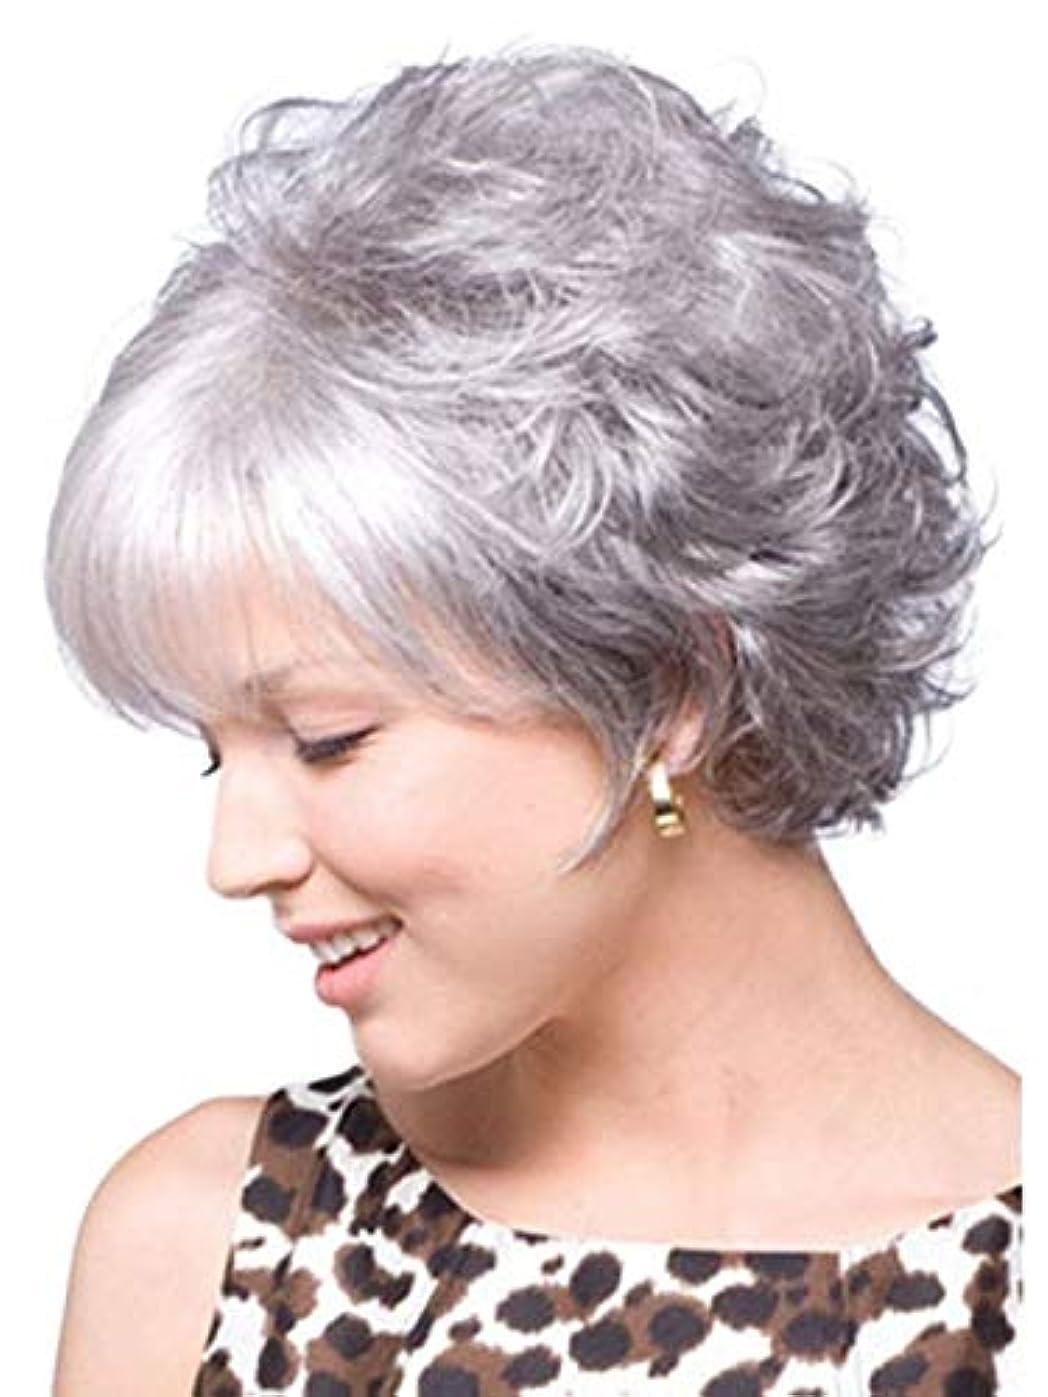 にはまって凶暴な驚いたことにウィッグキャップ付きパーティーコスプレ用女性ショートシルバーグレーヘアウィッグ (Color : Gray+Silver)